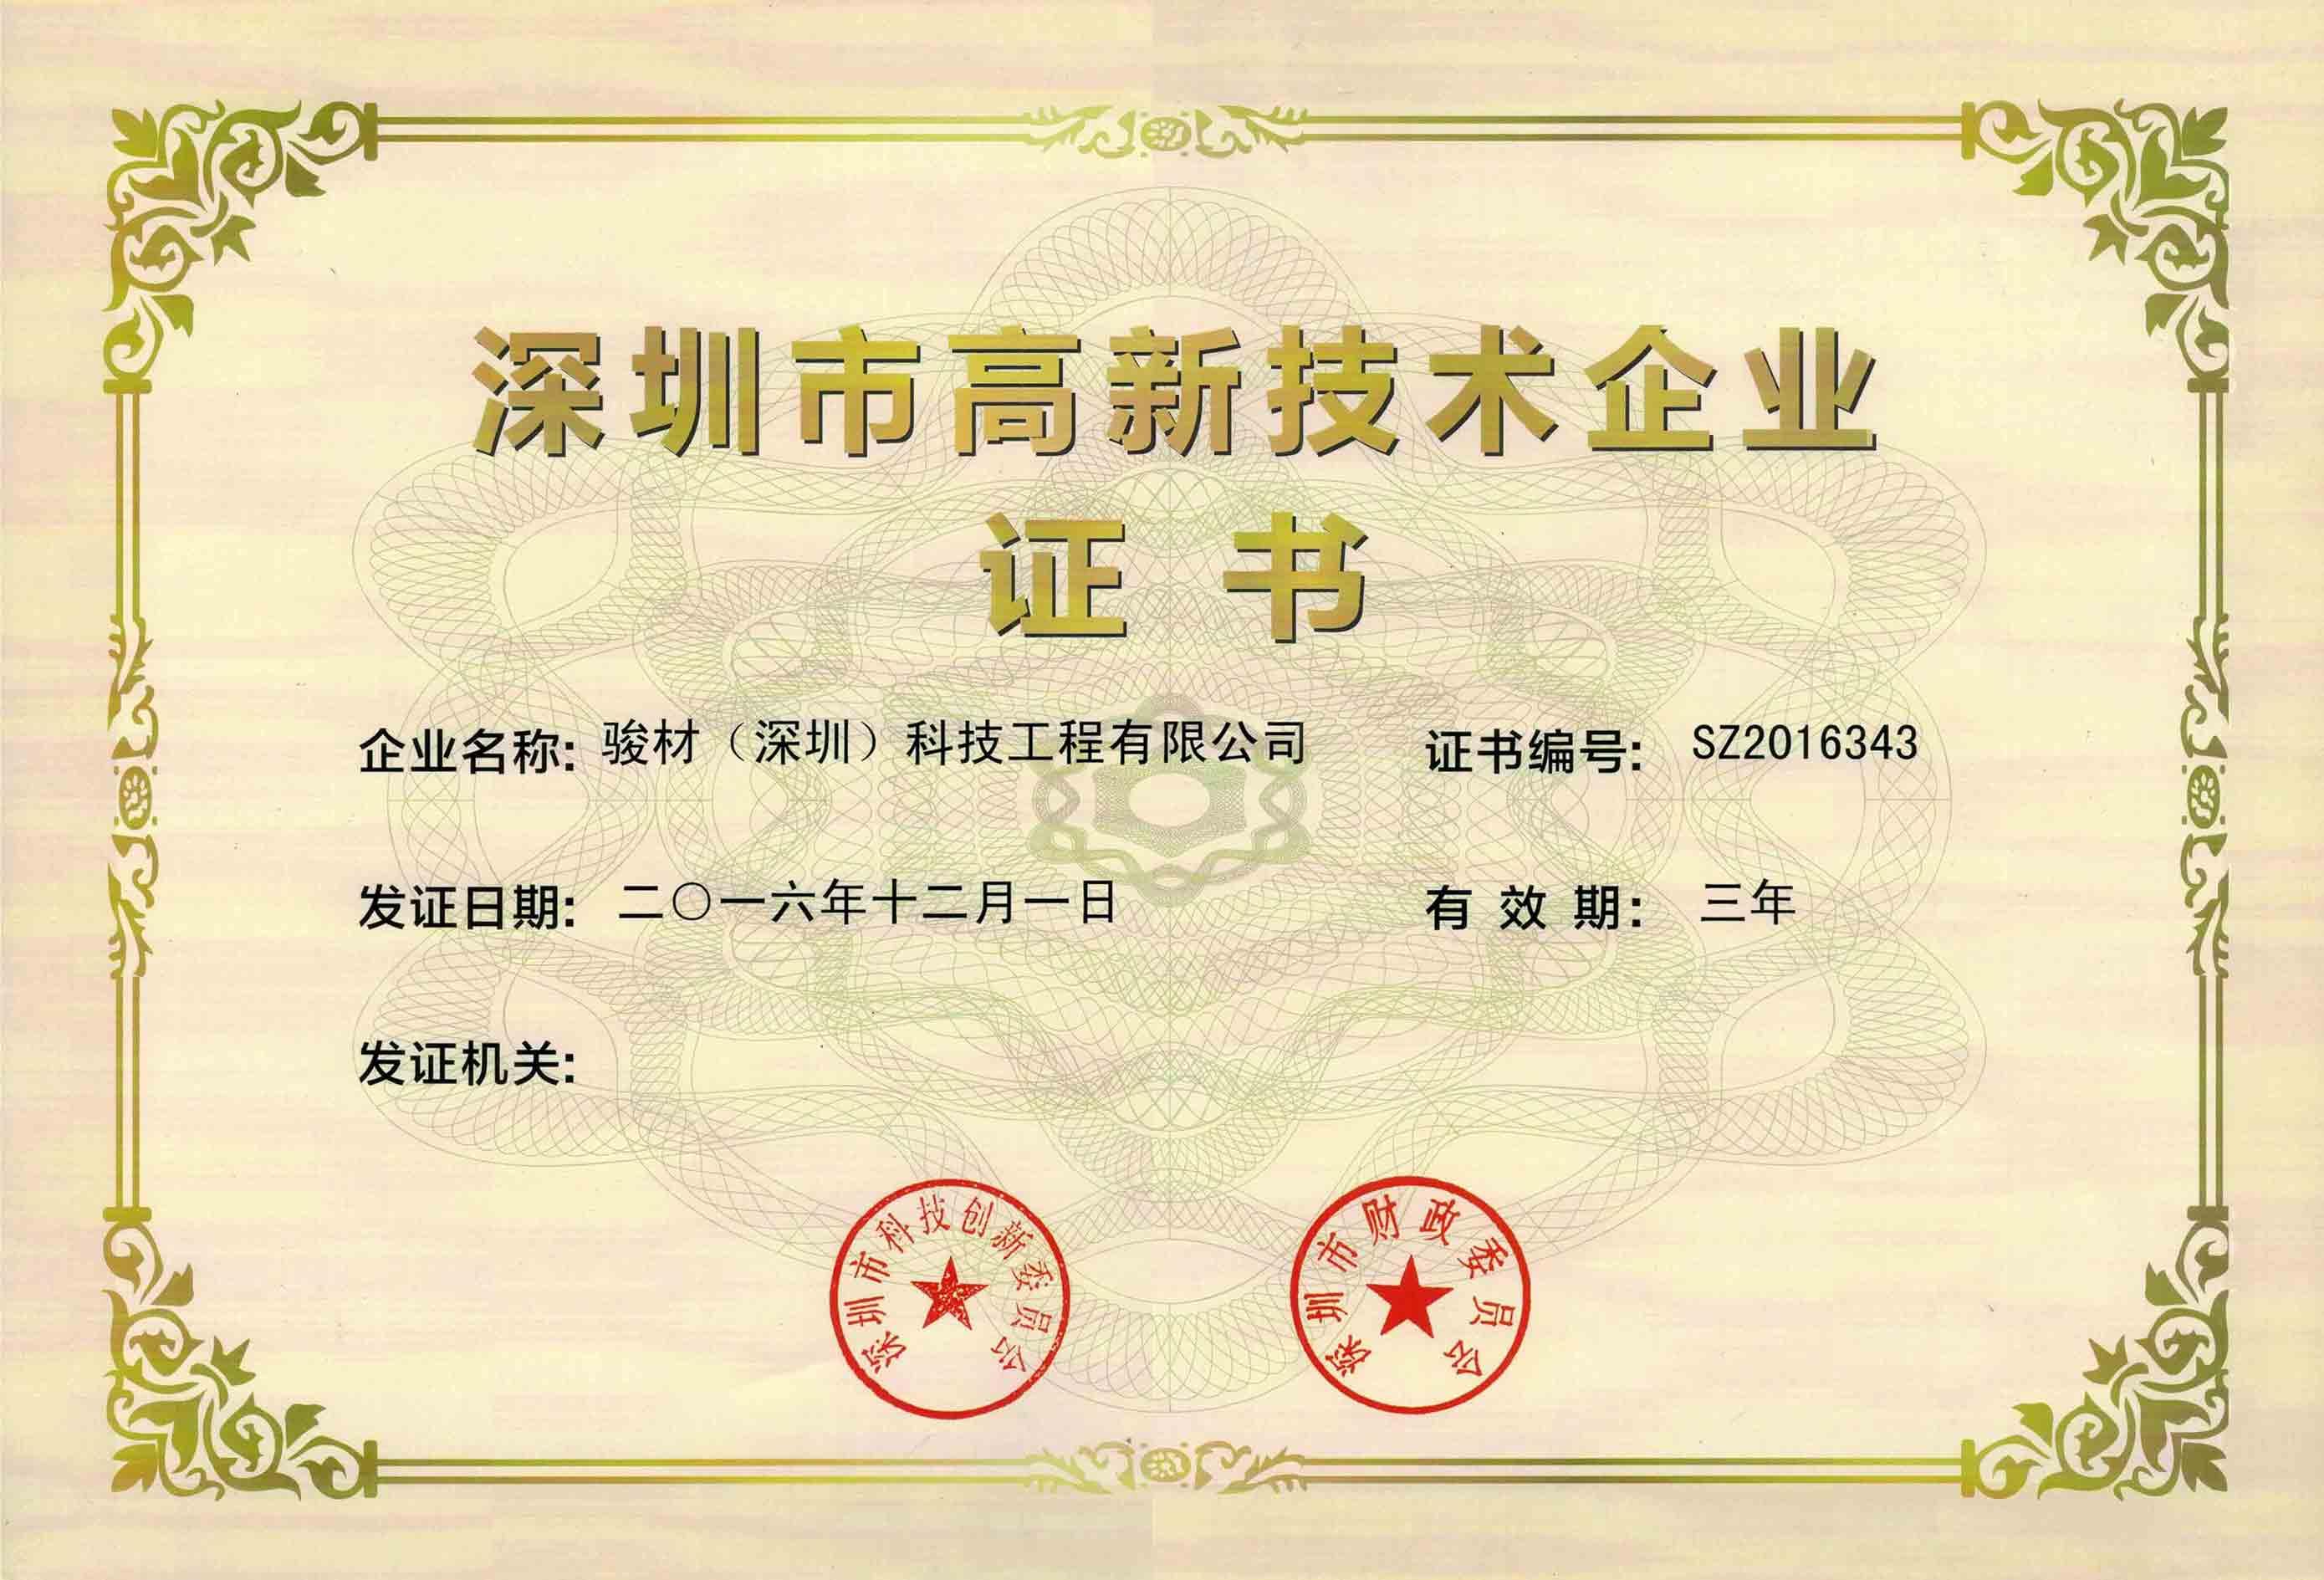 高新技术企业证书1-(1).jpg